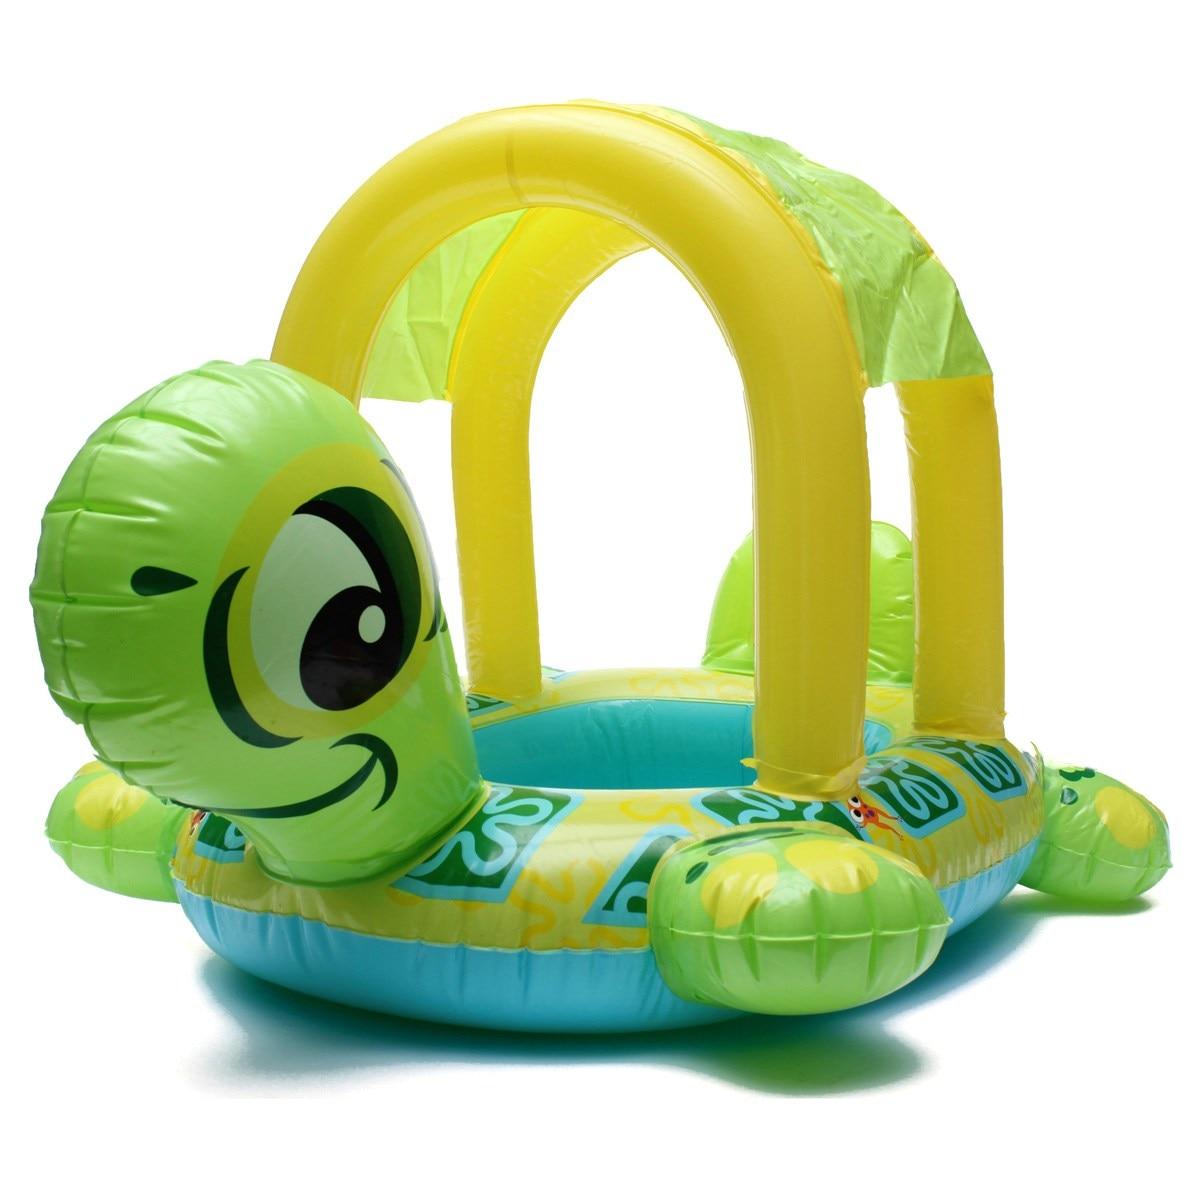 Baby Kids Swimming Ring Float Seat Turtls